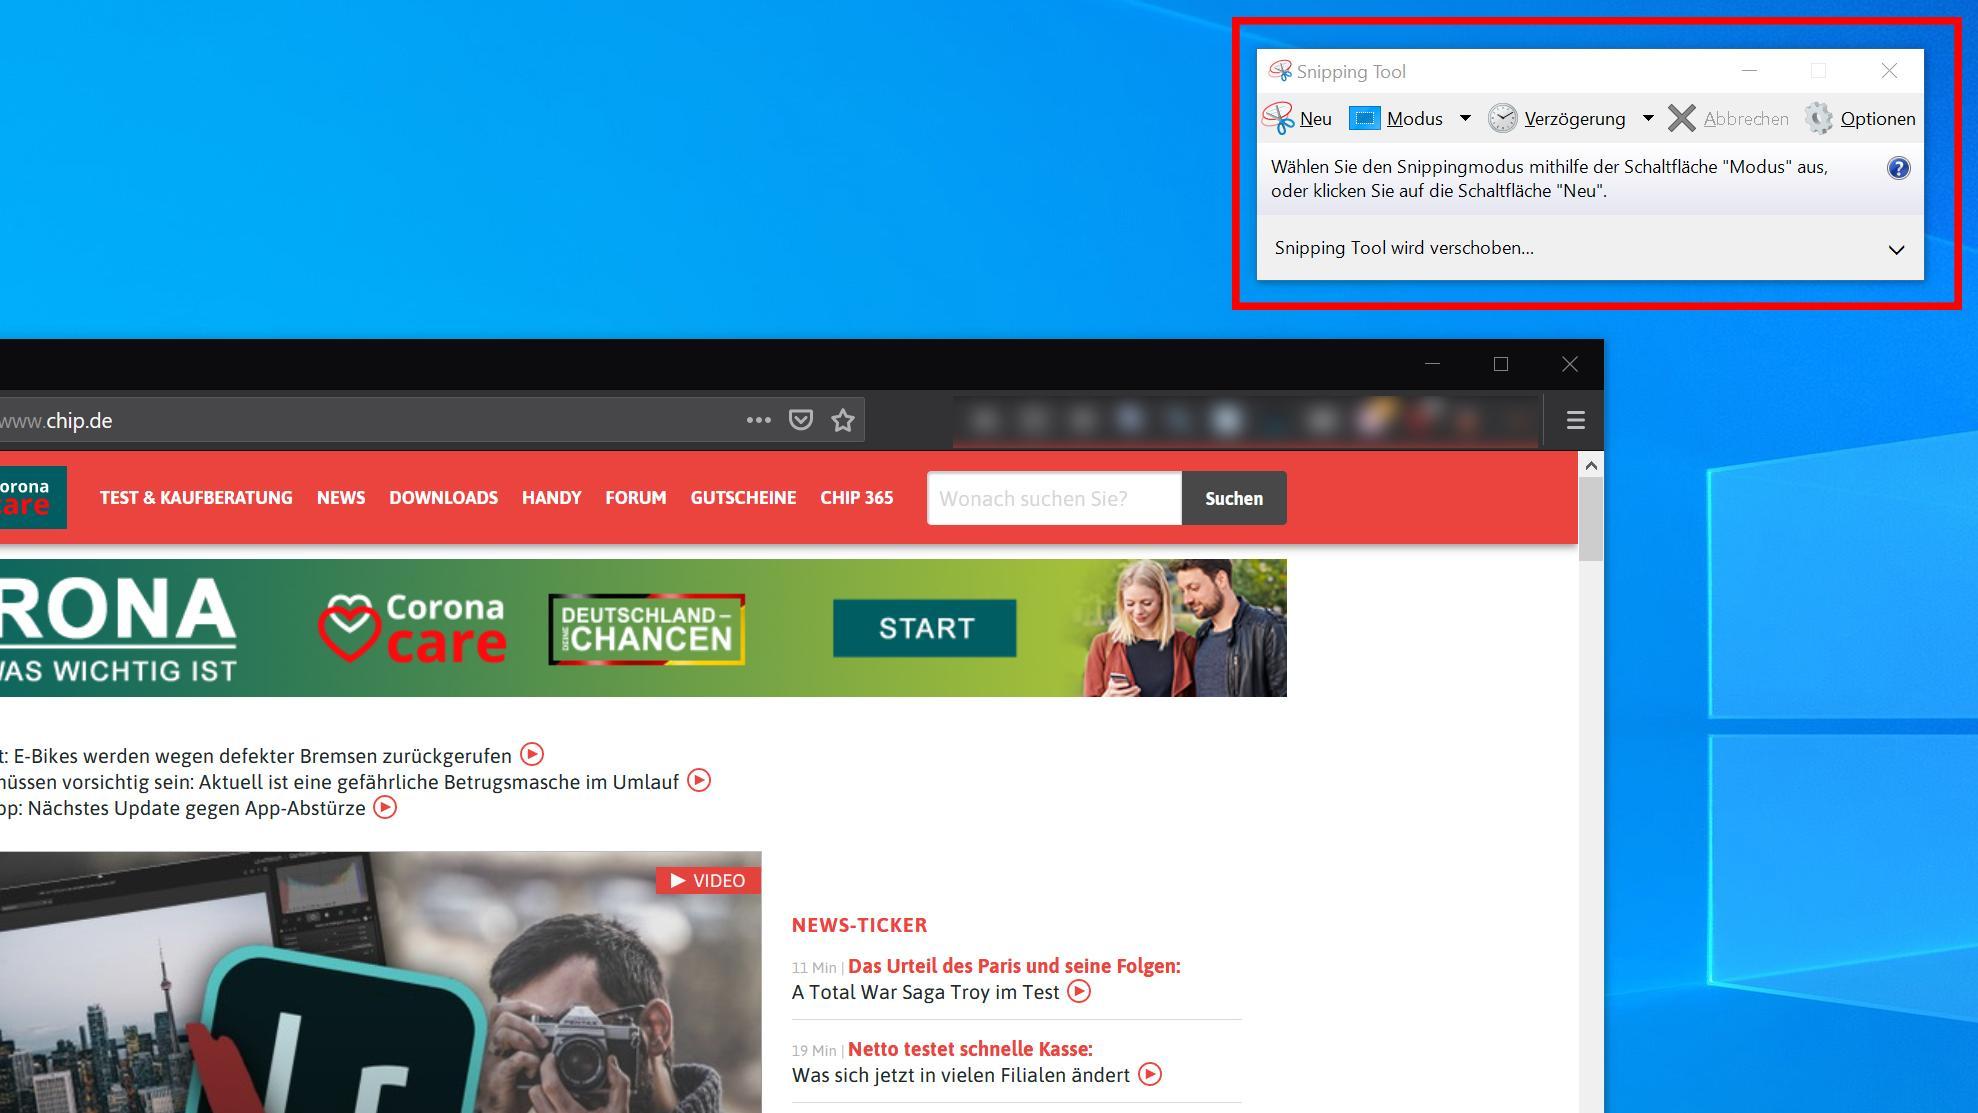 Laptop machen mit screenshot 4 Einfachste